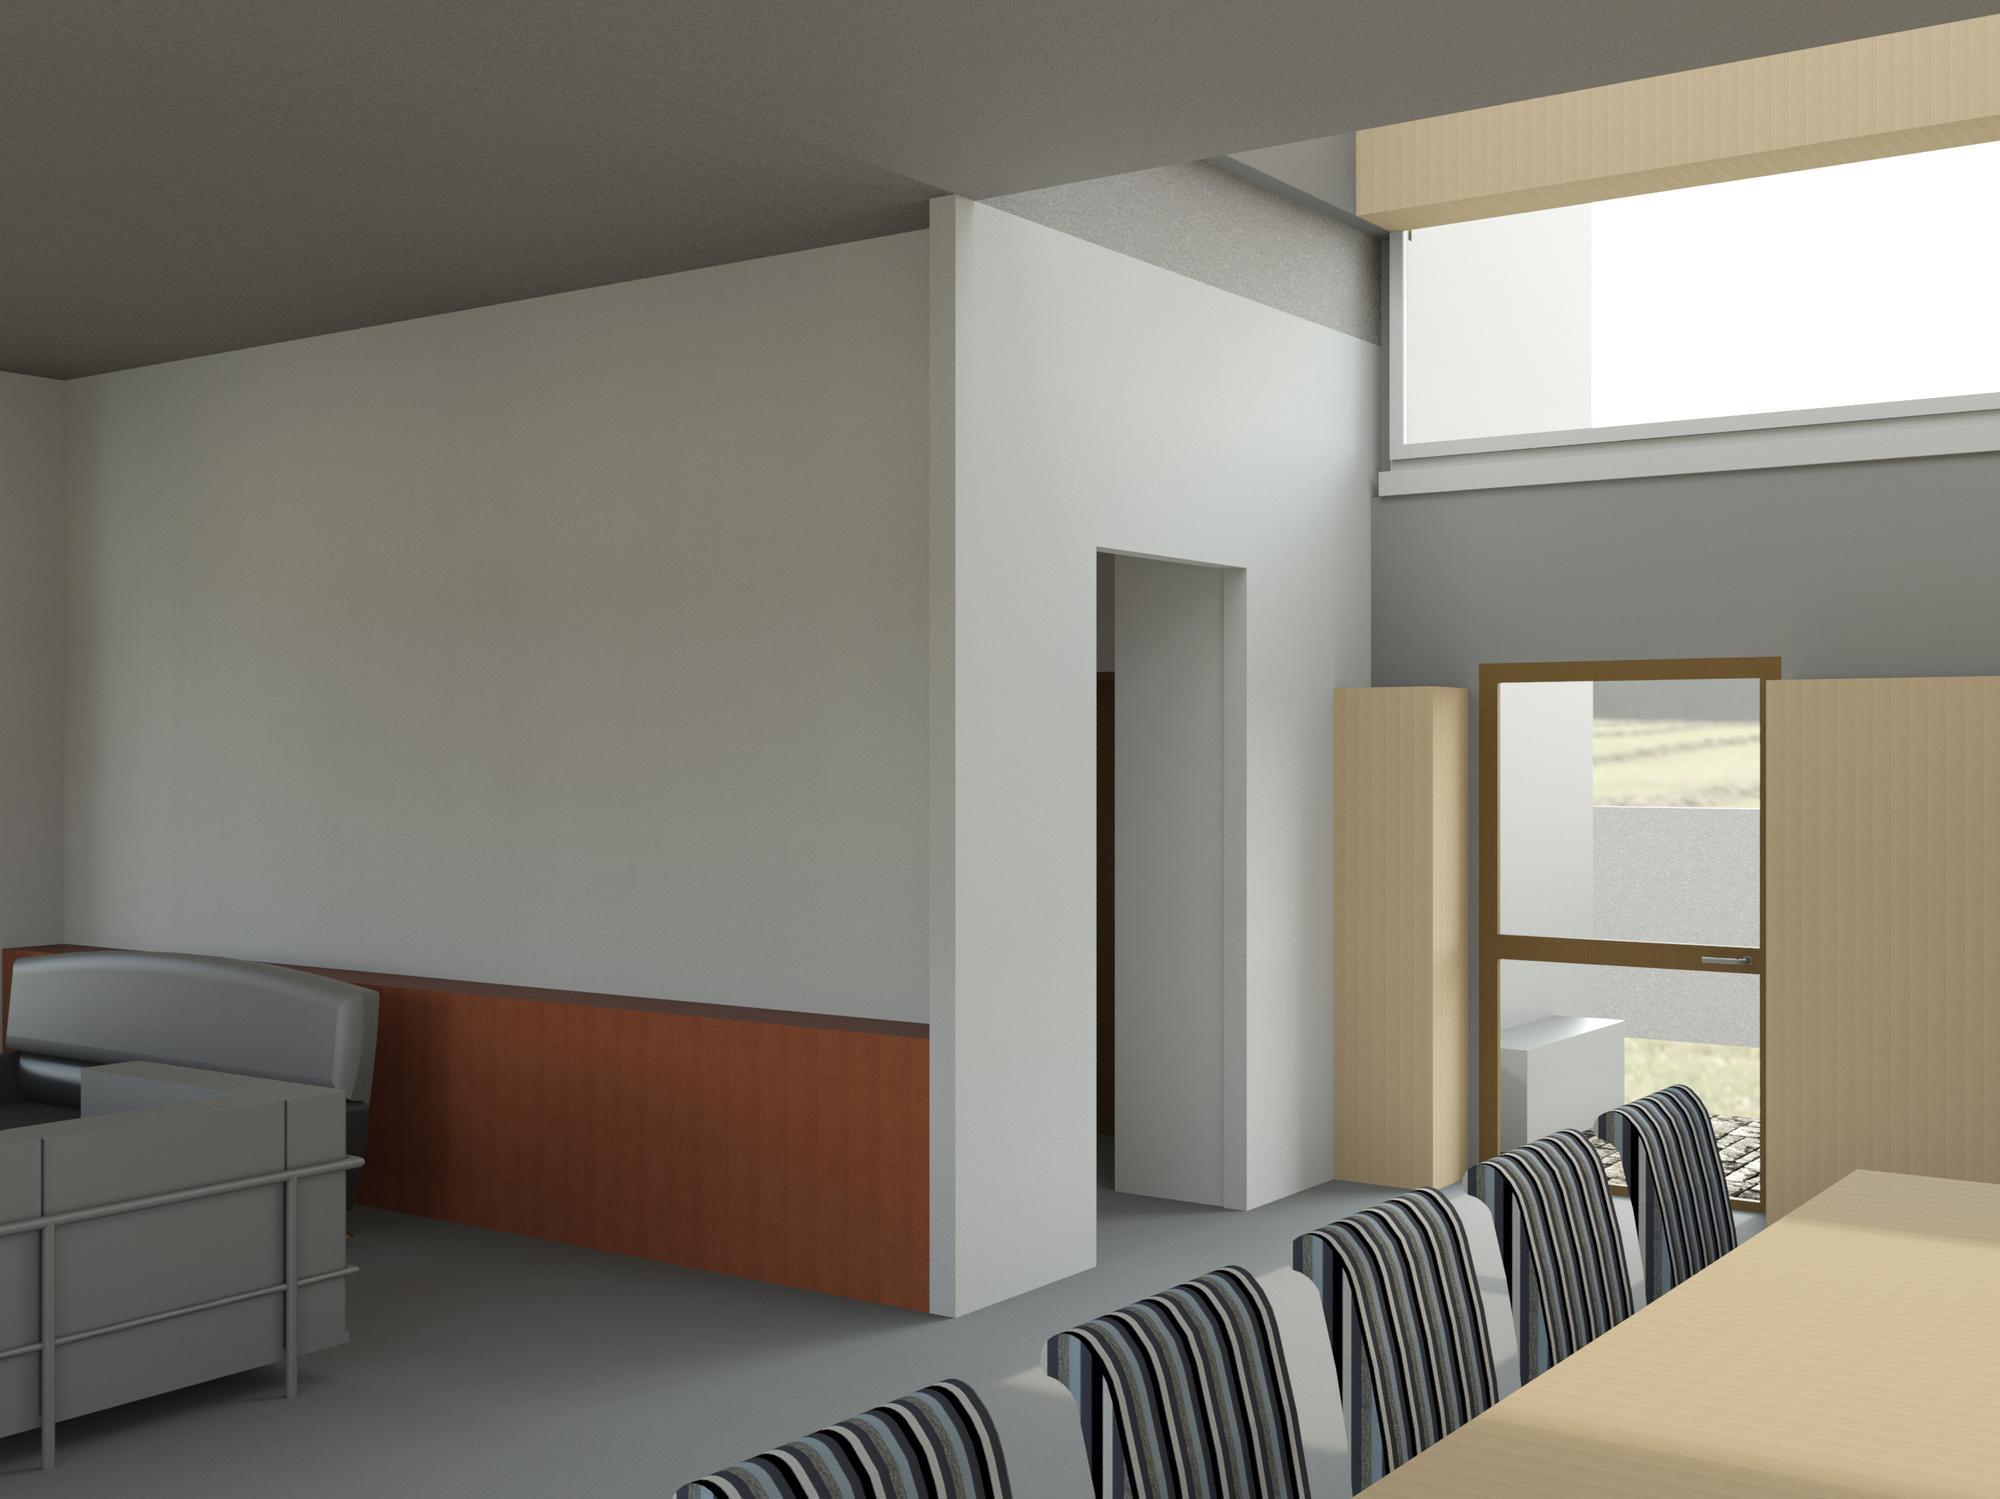 Raas-rendering20150509-13075-1ipinpx